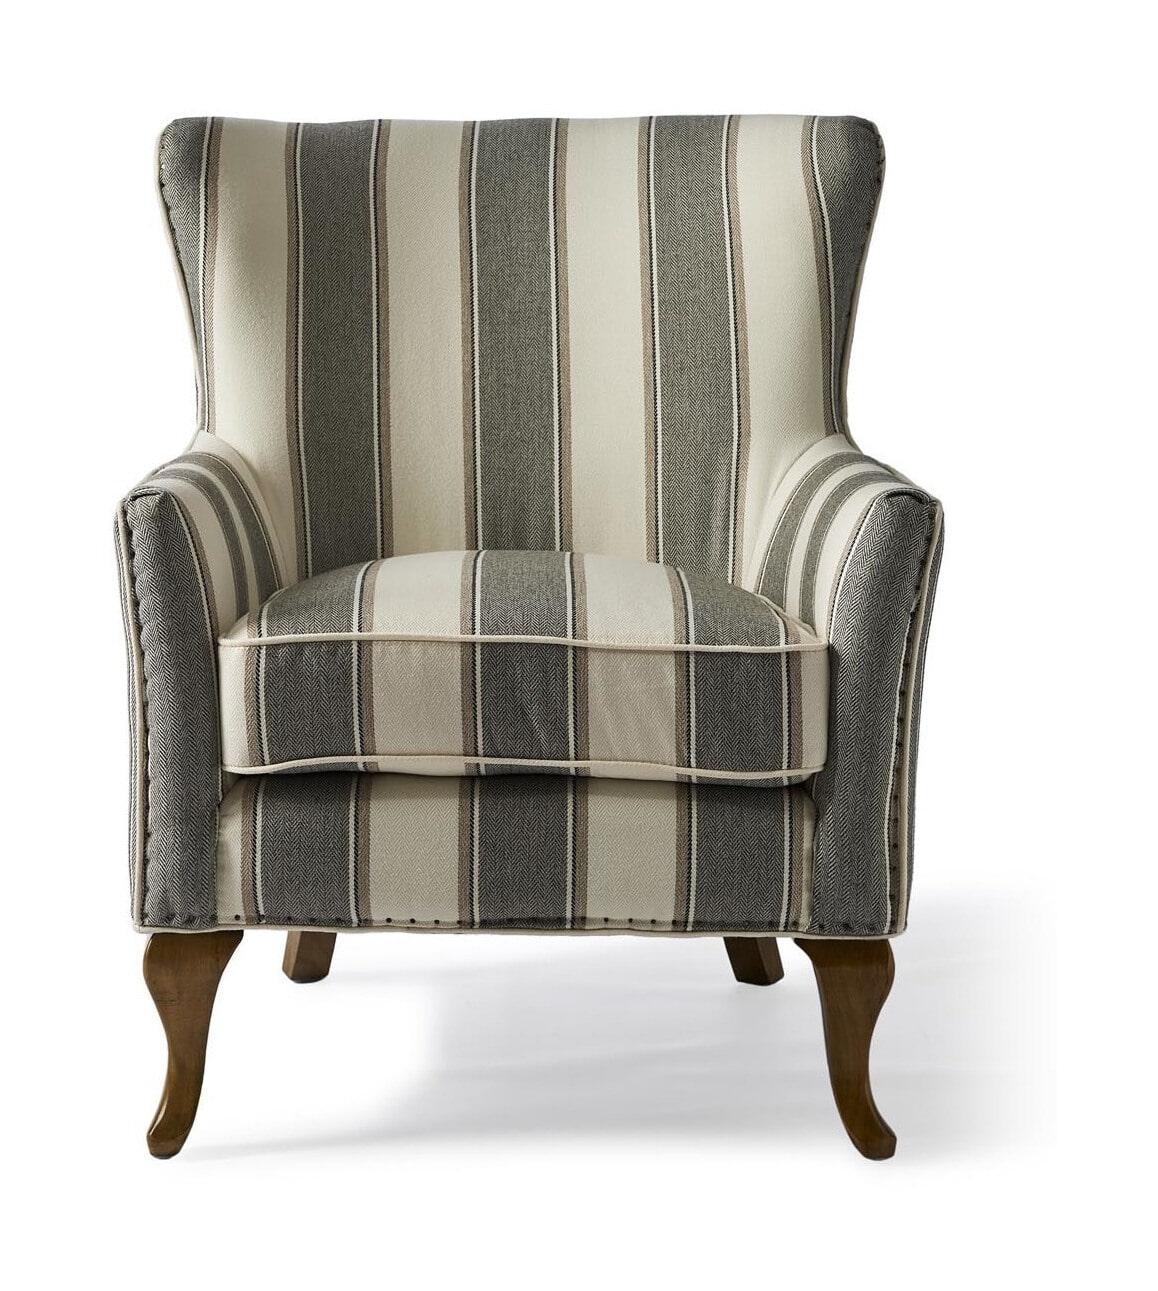 Riviera Maison Fauteuil 'Cavendish', kleur Grey Stripe